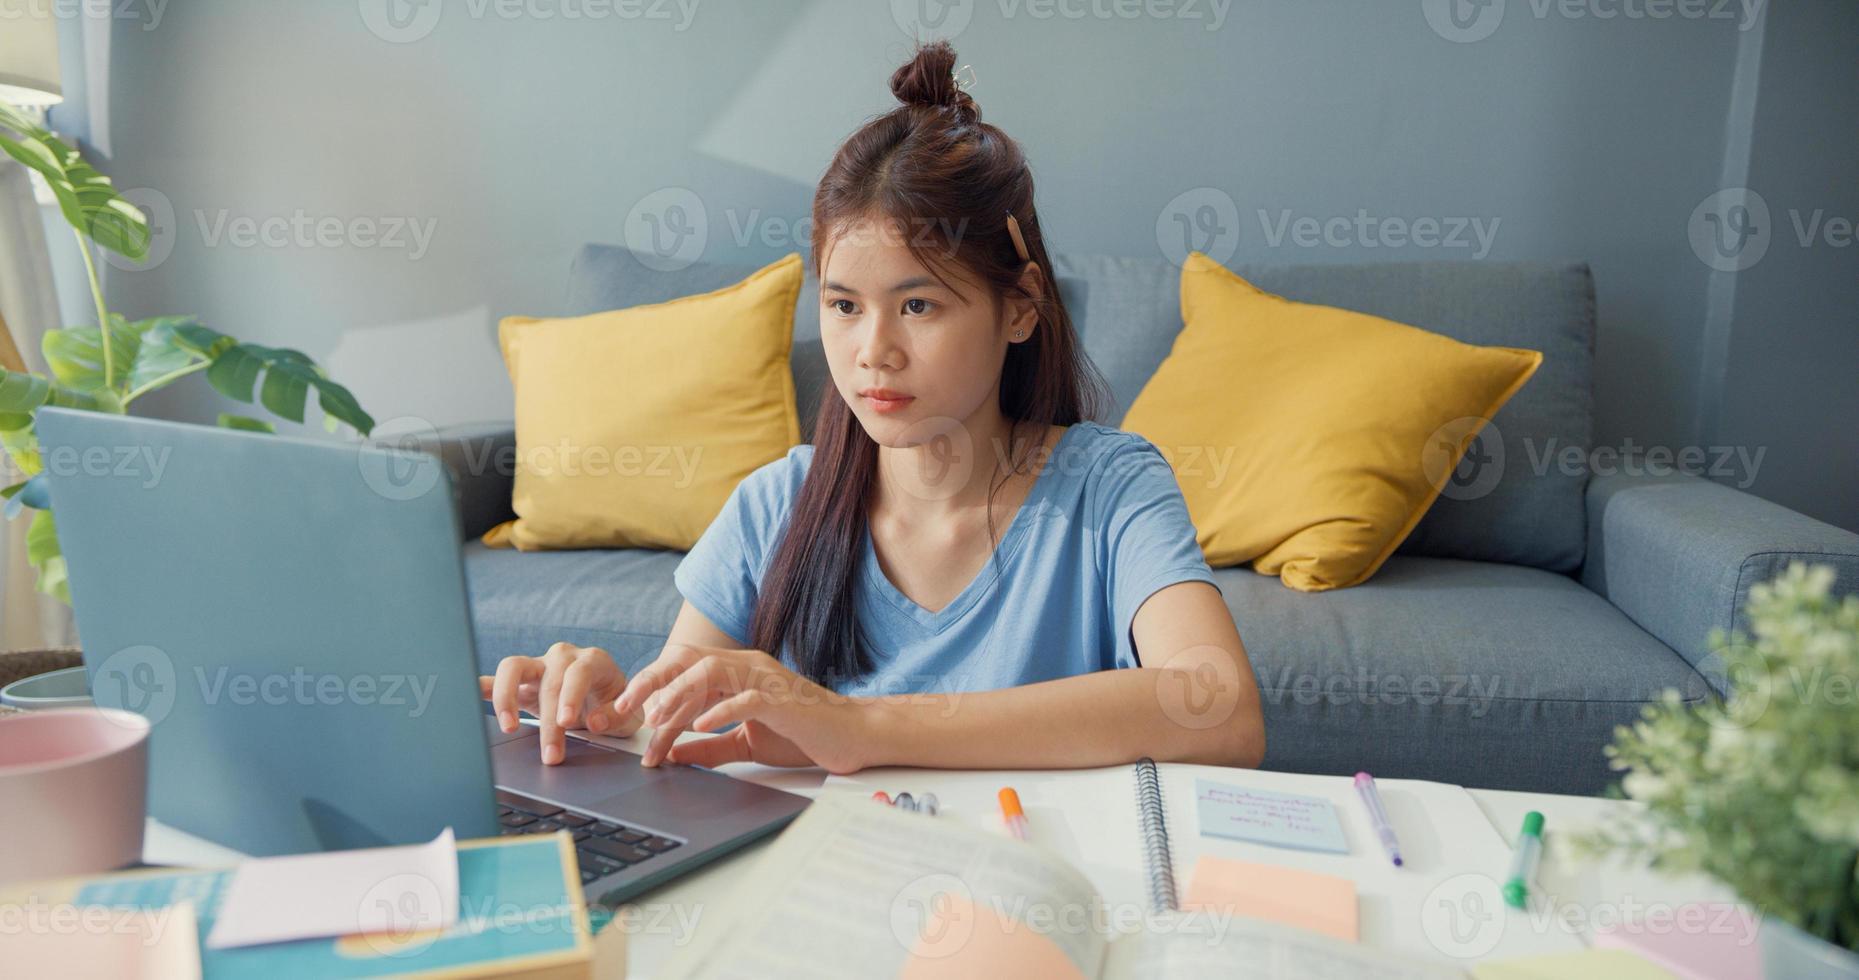 giovane ragazza asiatica adolescente con computer portatile per uso casuale impara il quaderno di lezioni di scrittura online per il test finale nel soggiorno di casa. isolare l'istruzione online e-learning concetto di pandemia di coronavirus. foto